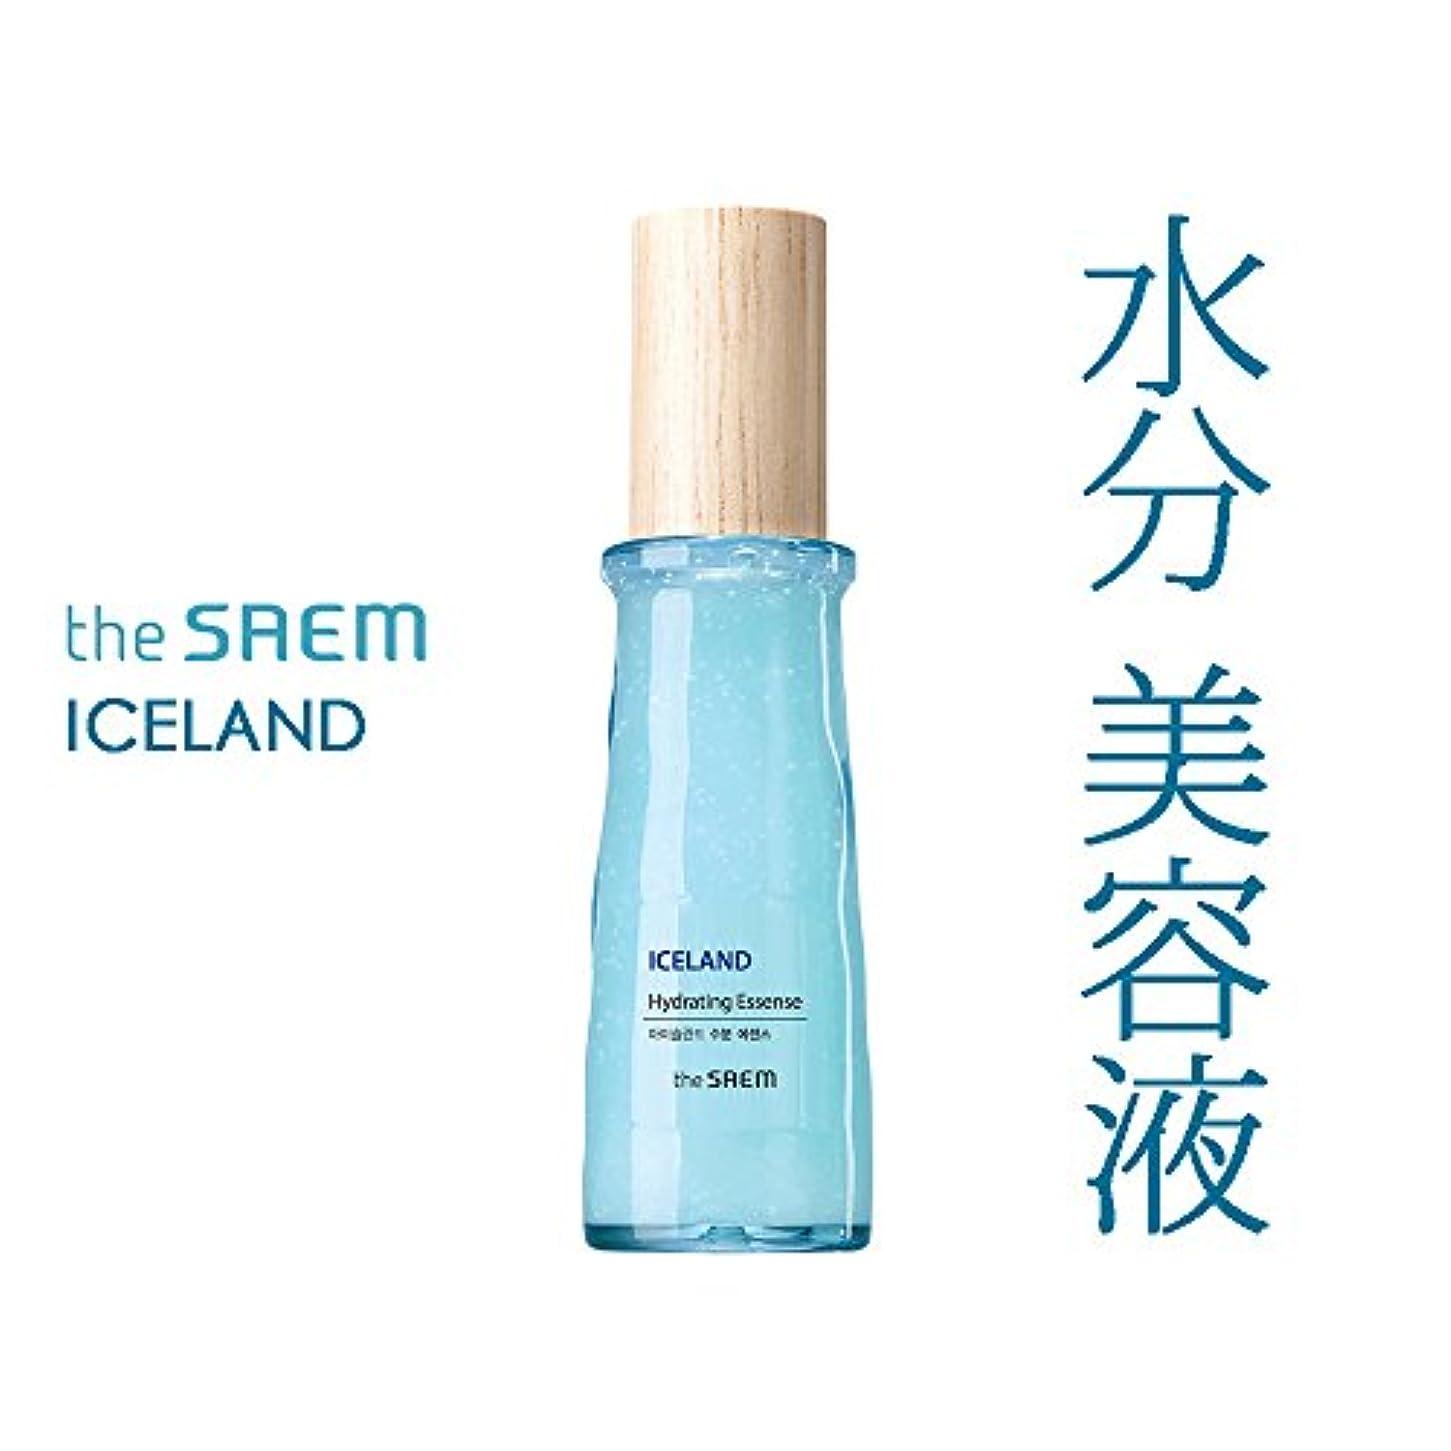 黒板先にアミューズザ セム The saem アイスランド 水分 美容液 エッセンス The Saem Iceland Hydrating Essence 60ml